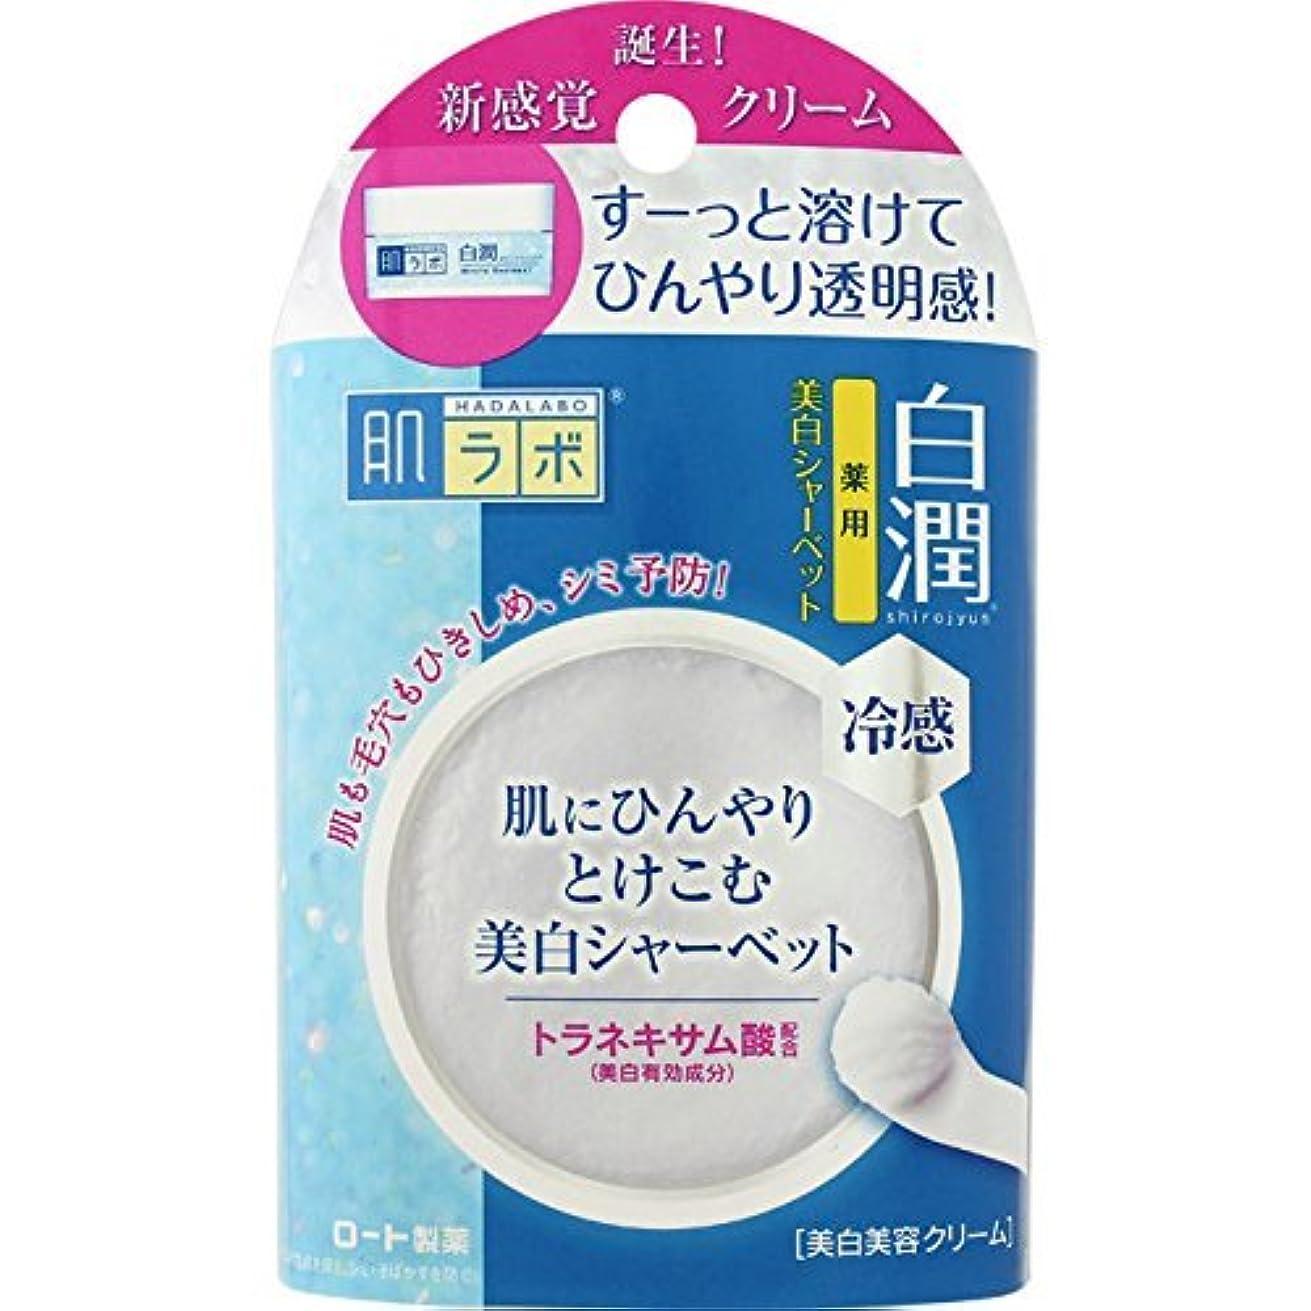 乱暴な設計現金肌ラボ 白潤 冷感美白シャーベット30g (医薬部外品)×3